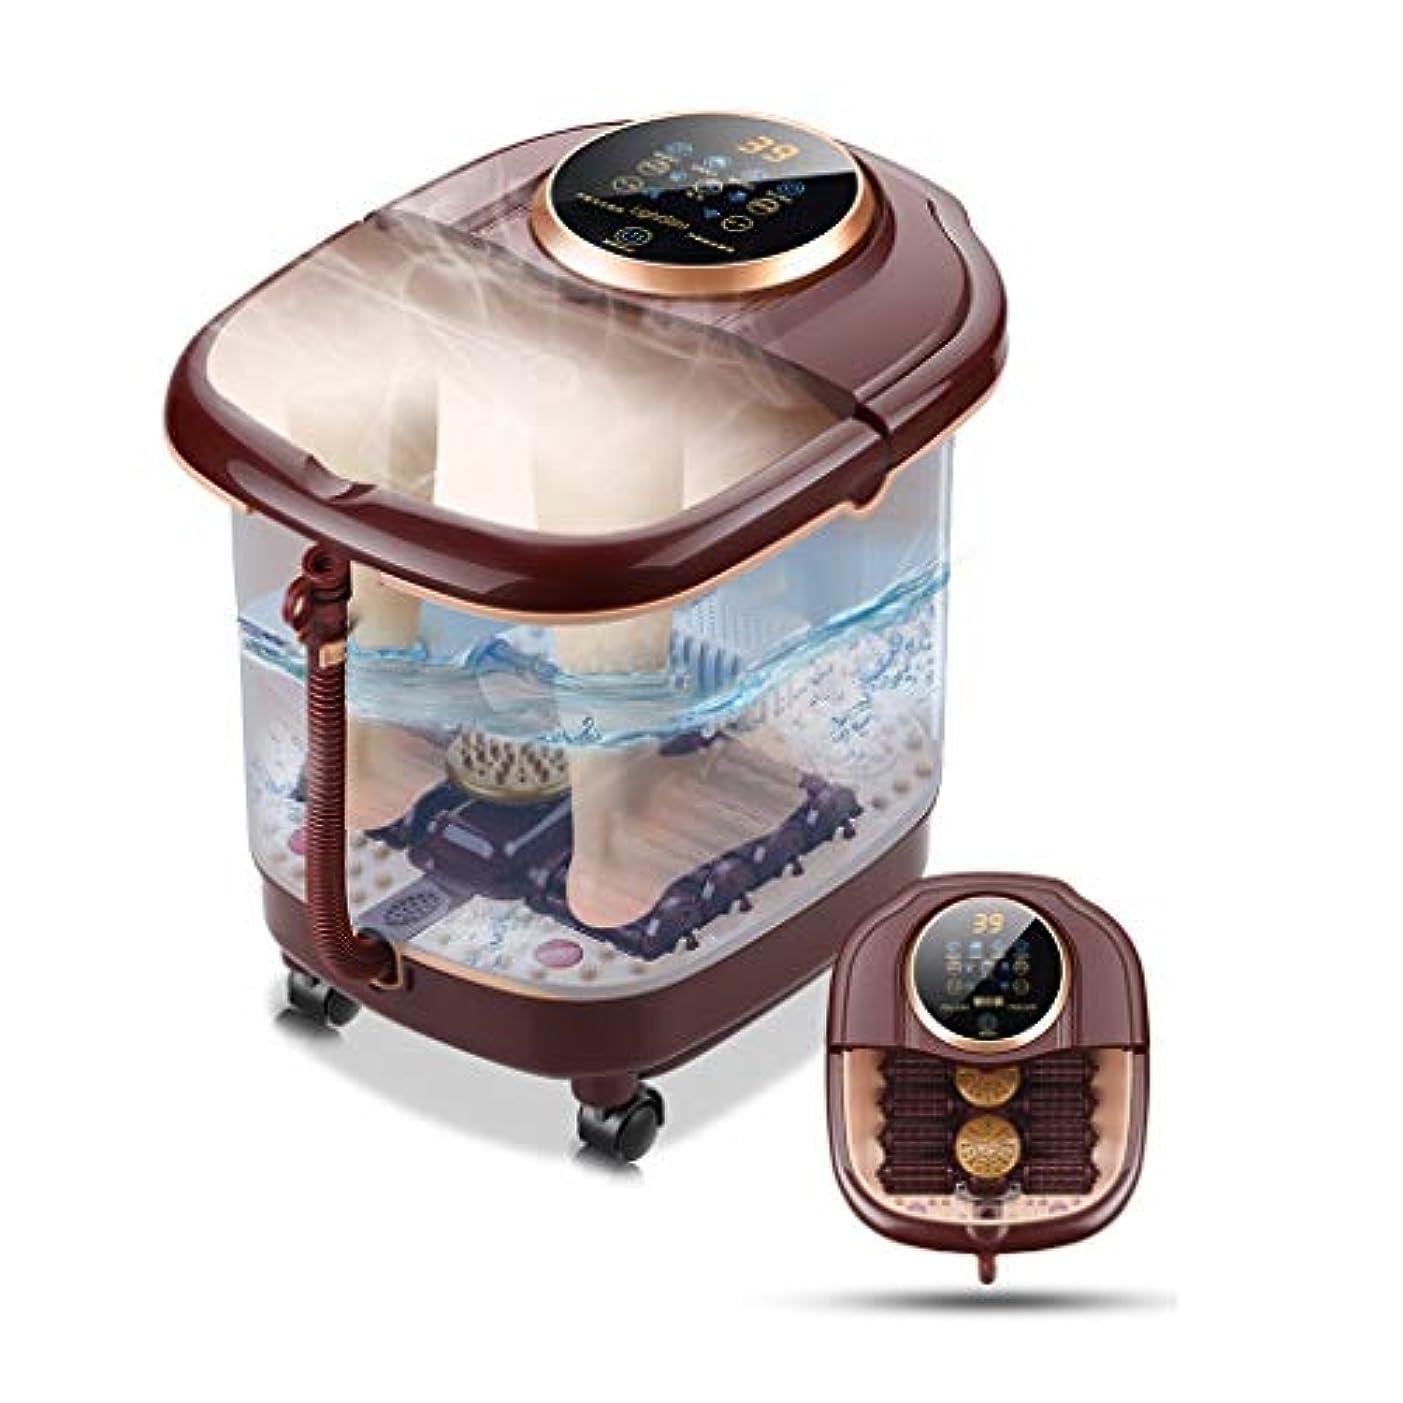 落胆した検出するサンプル温浴、マッサージローラー、泡、デジタル調節可能な温度制御付きフットスパマッサージ